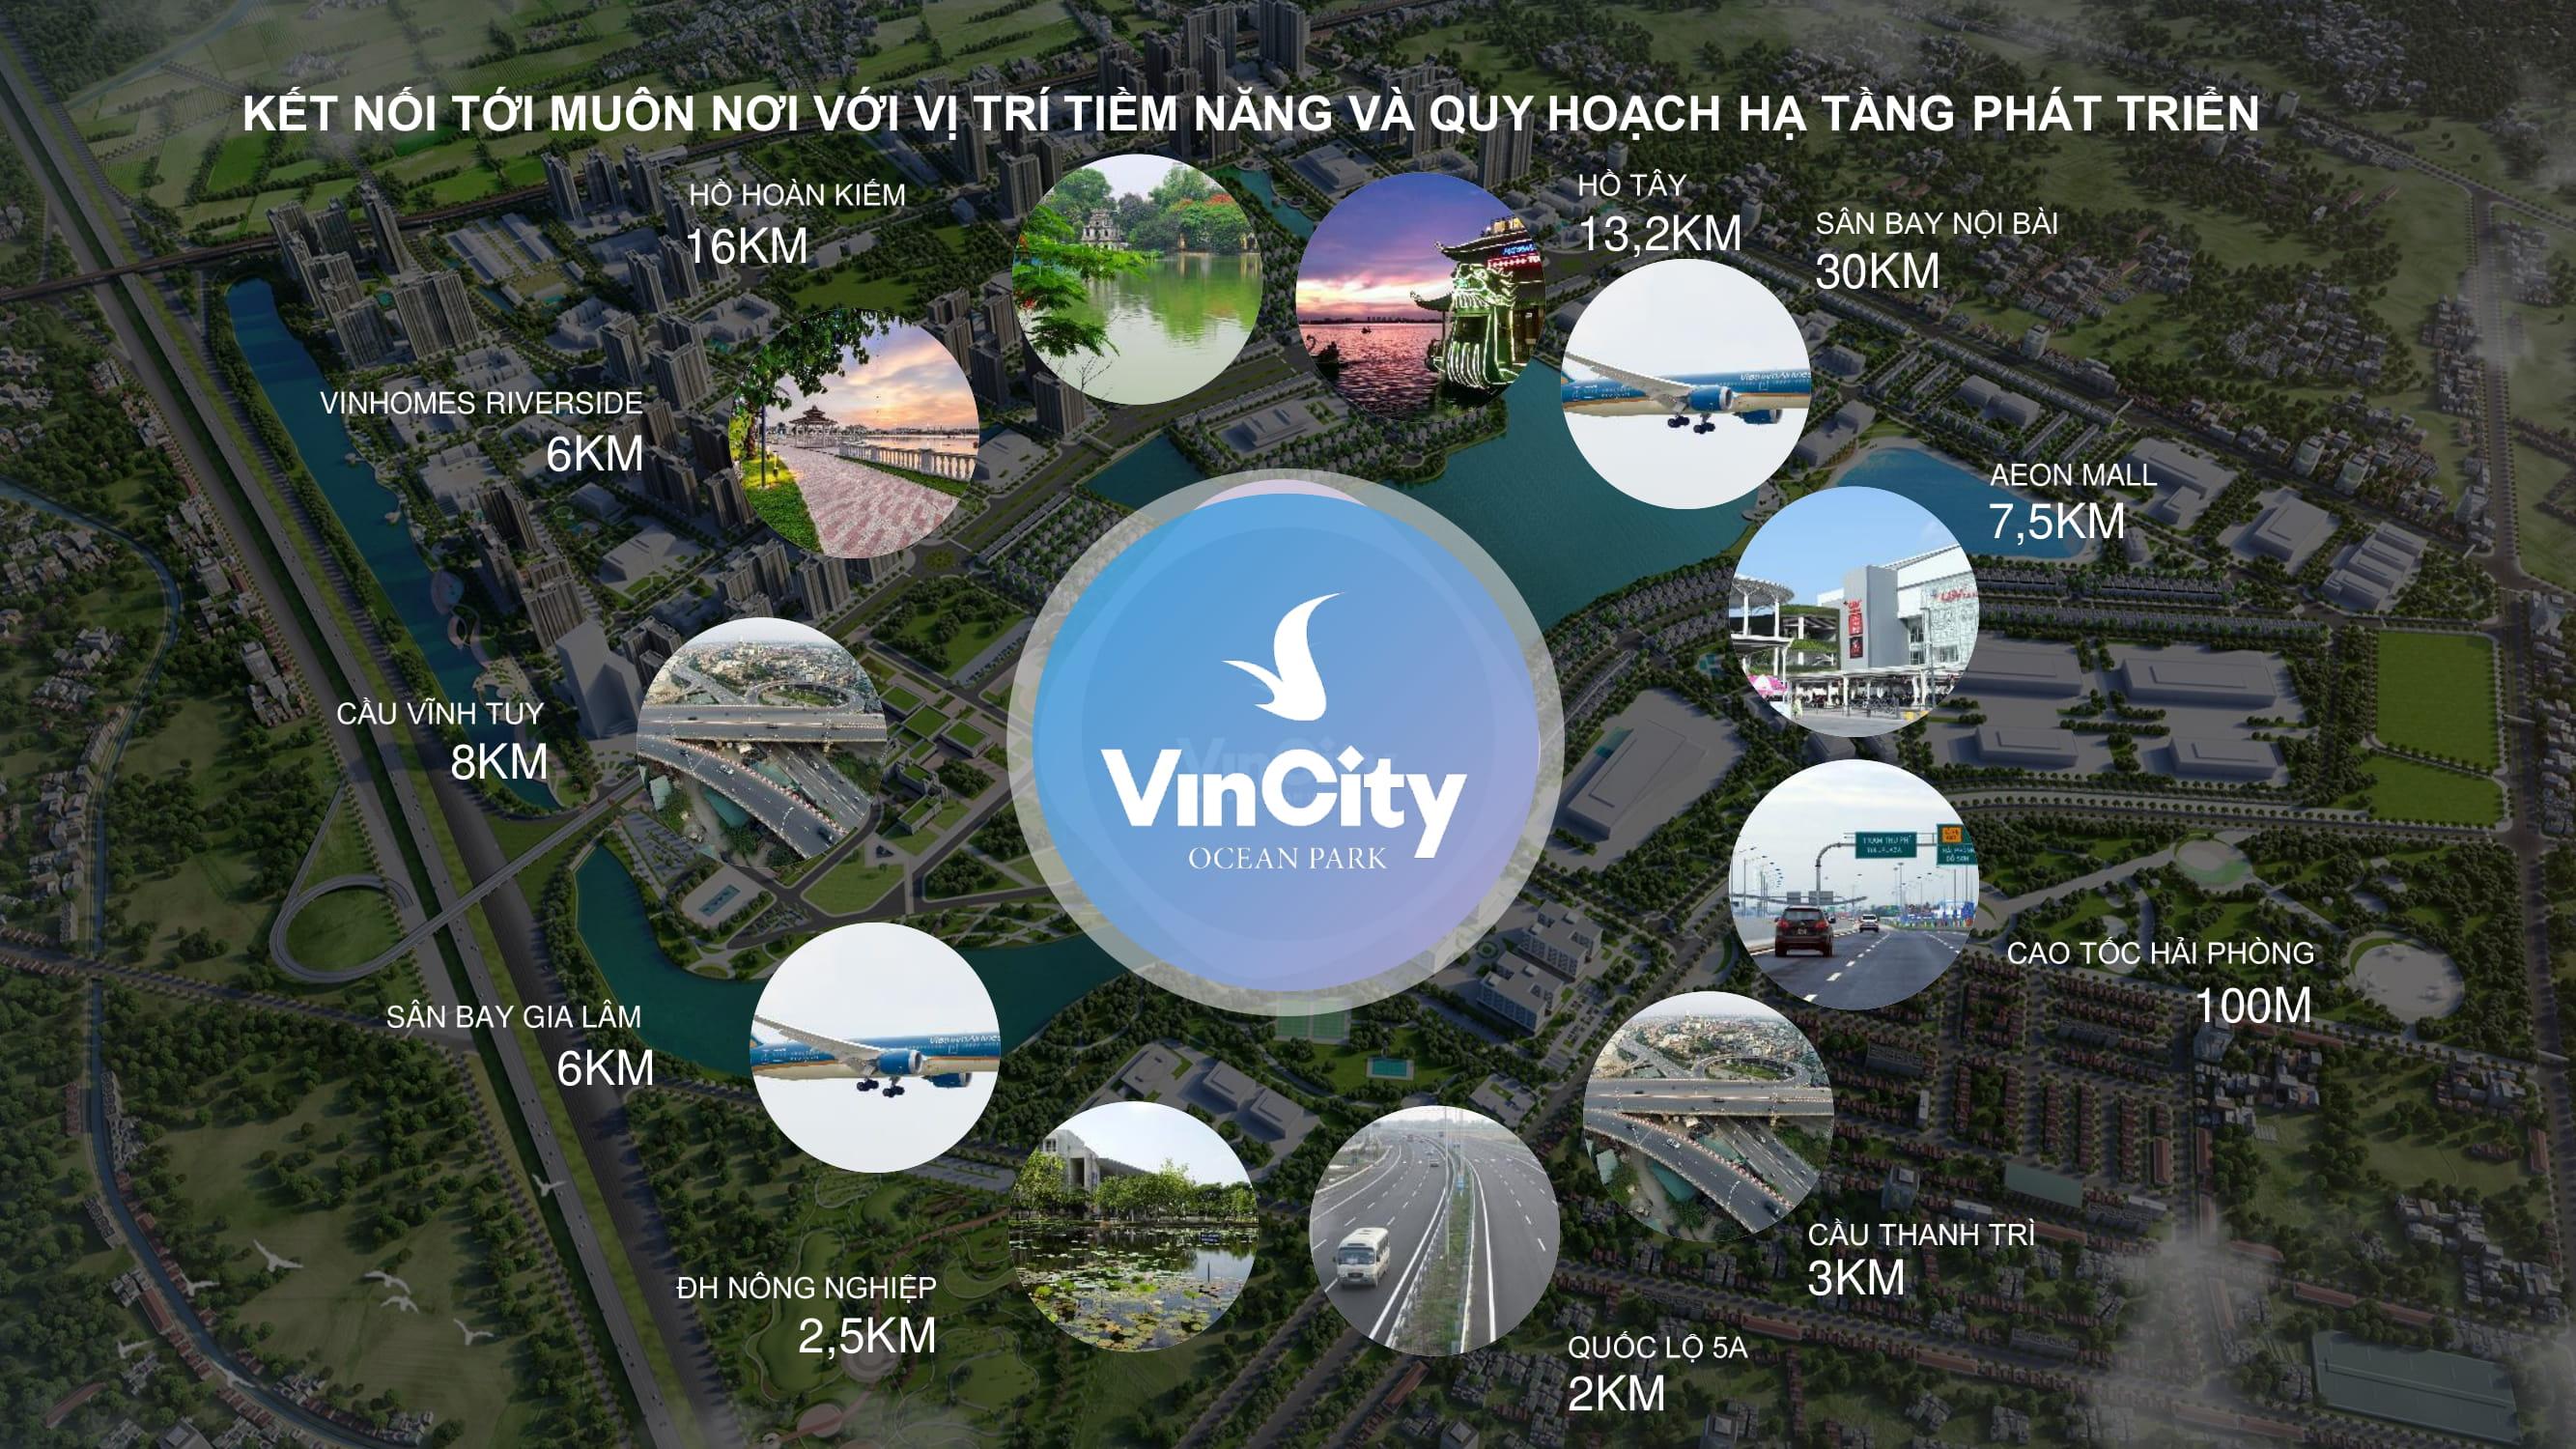 VinCity đươc đánh giá có vị trí chiến lược để phát triển thành khu Đô thi hạt nhân